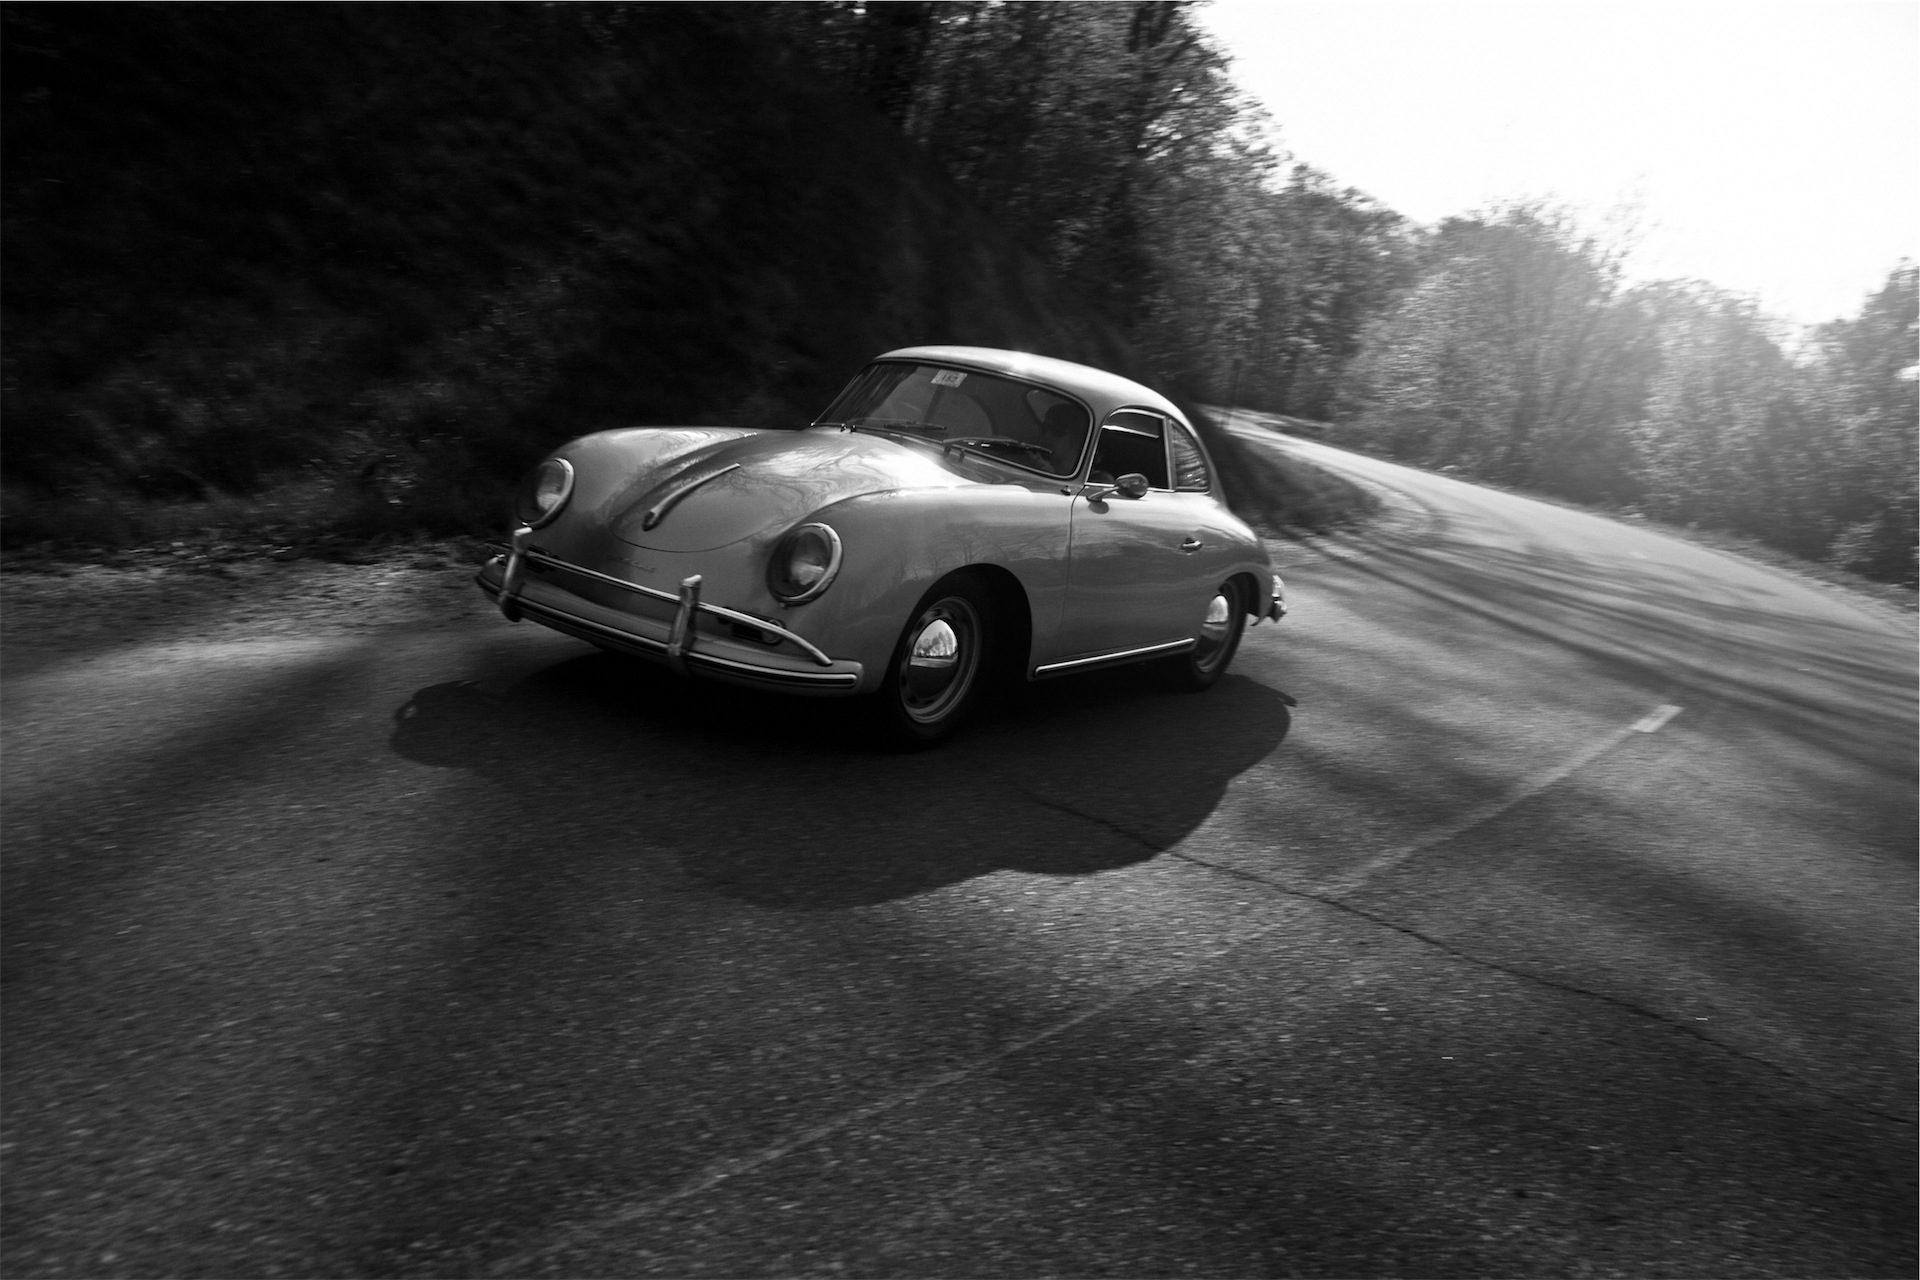 coche, carretera, velocidad, antiguo, vintage - Fondos de Pantalla HD - professor-falken.com